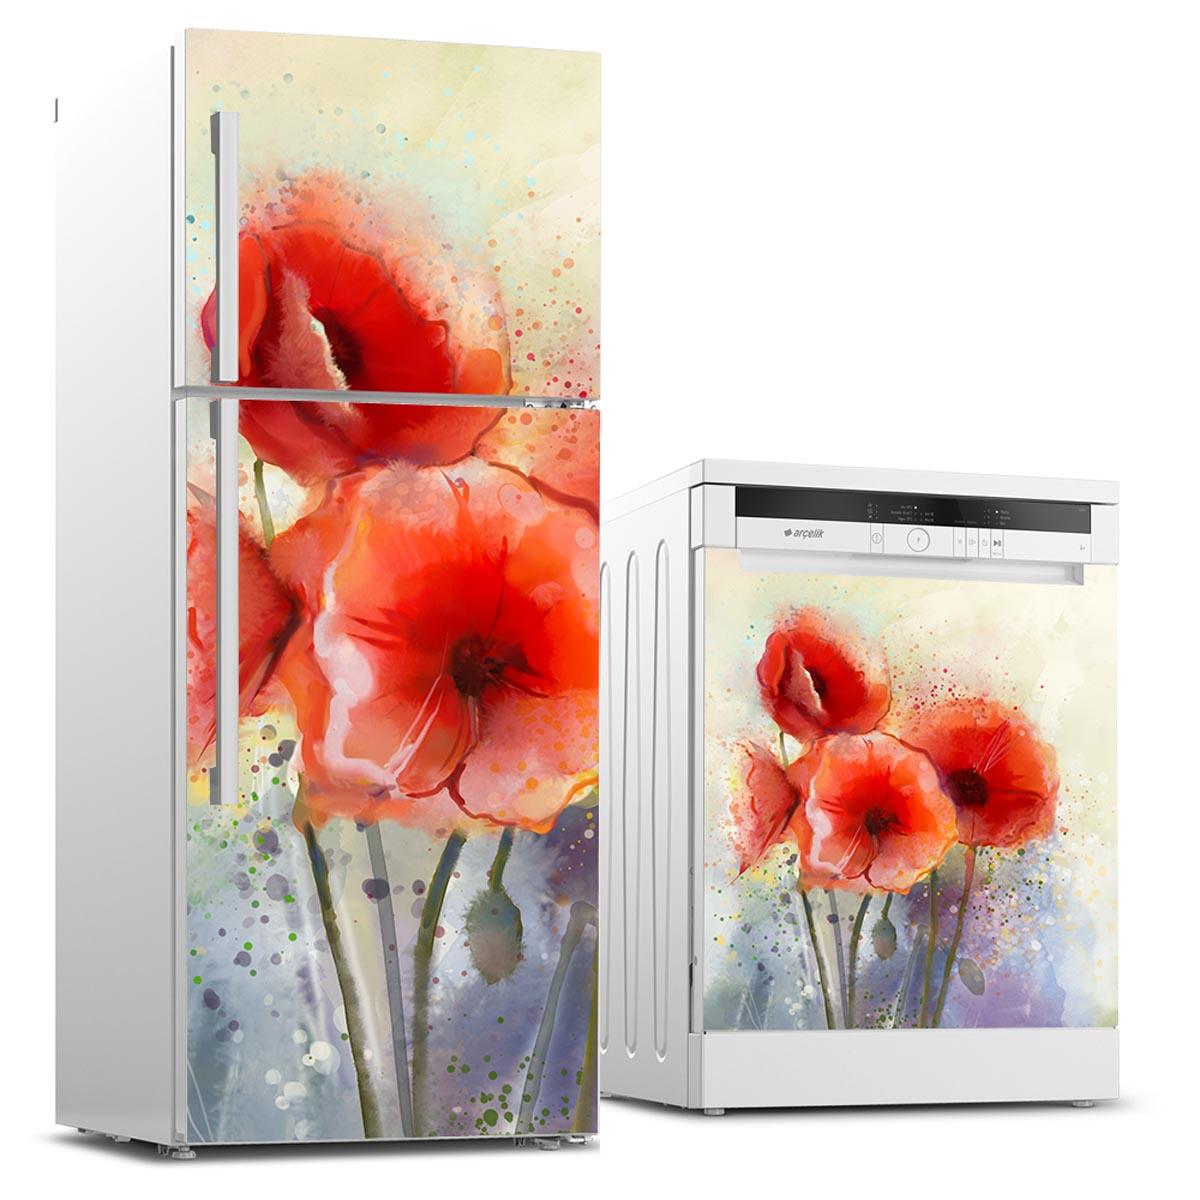 Buzdolabı ve Bulaşık Makinesi Kapak Stickerları